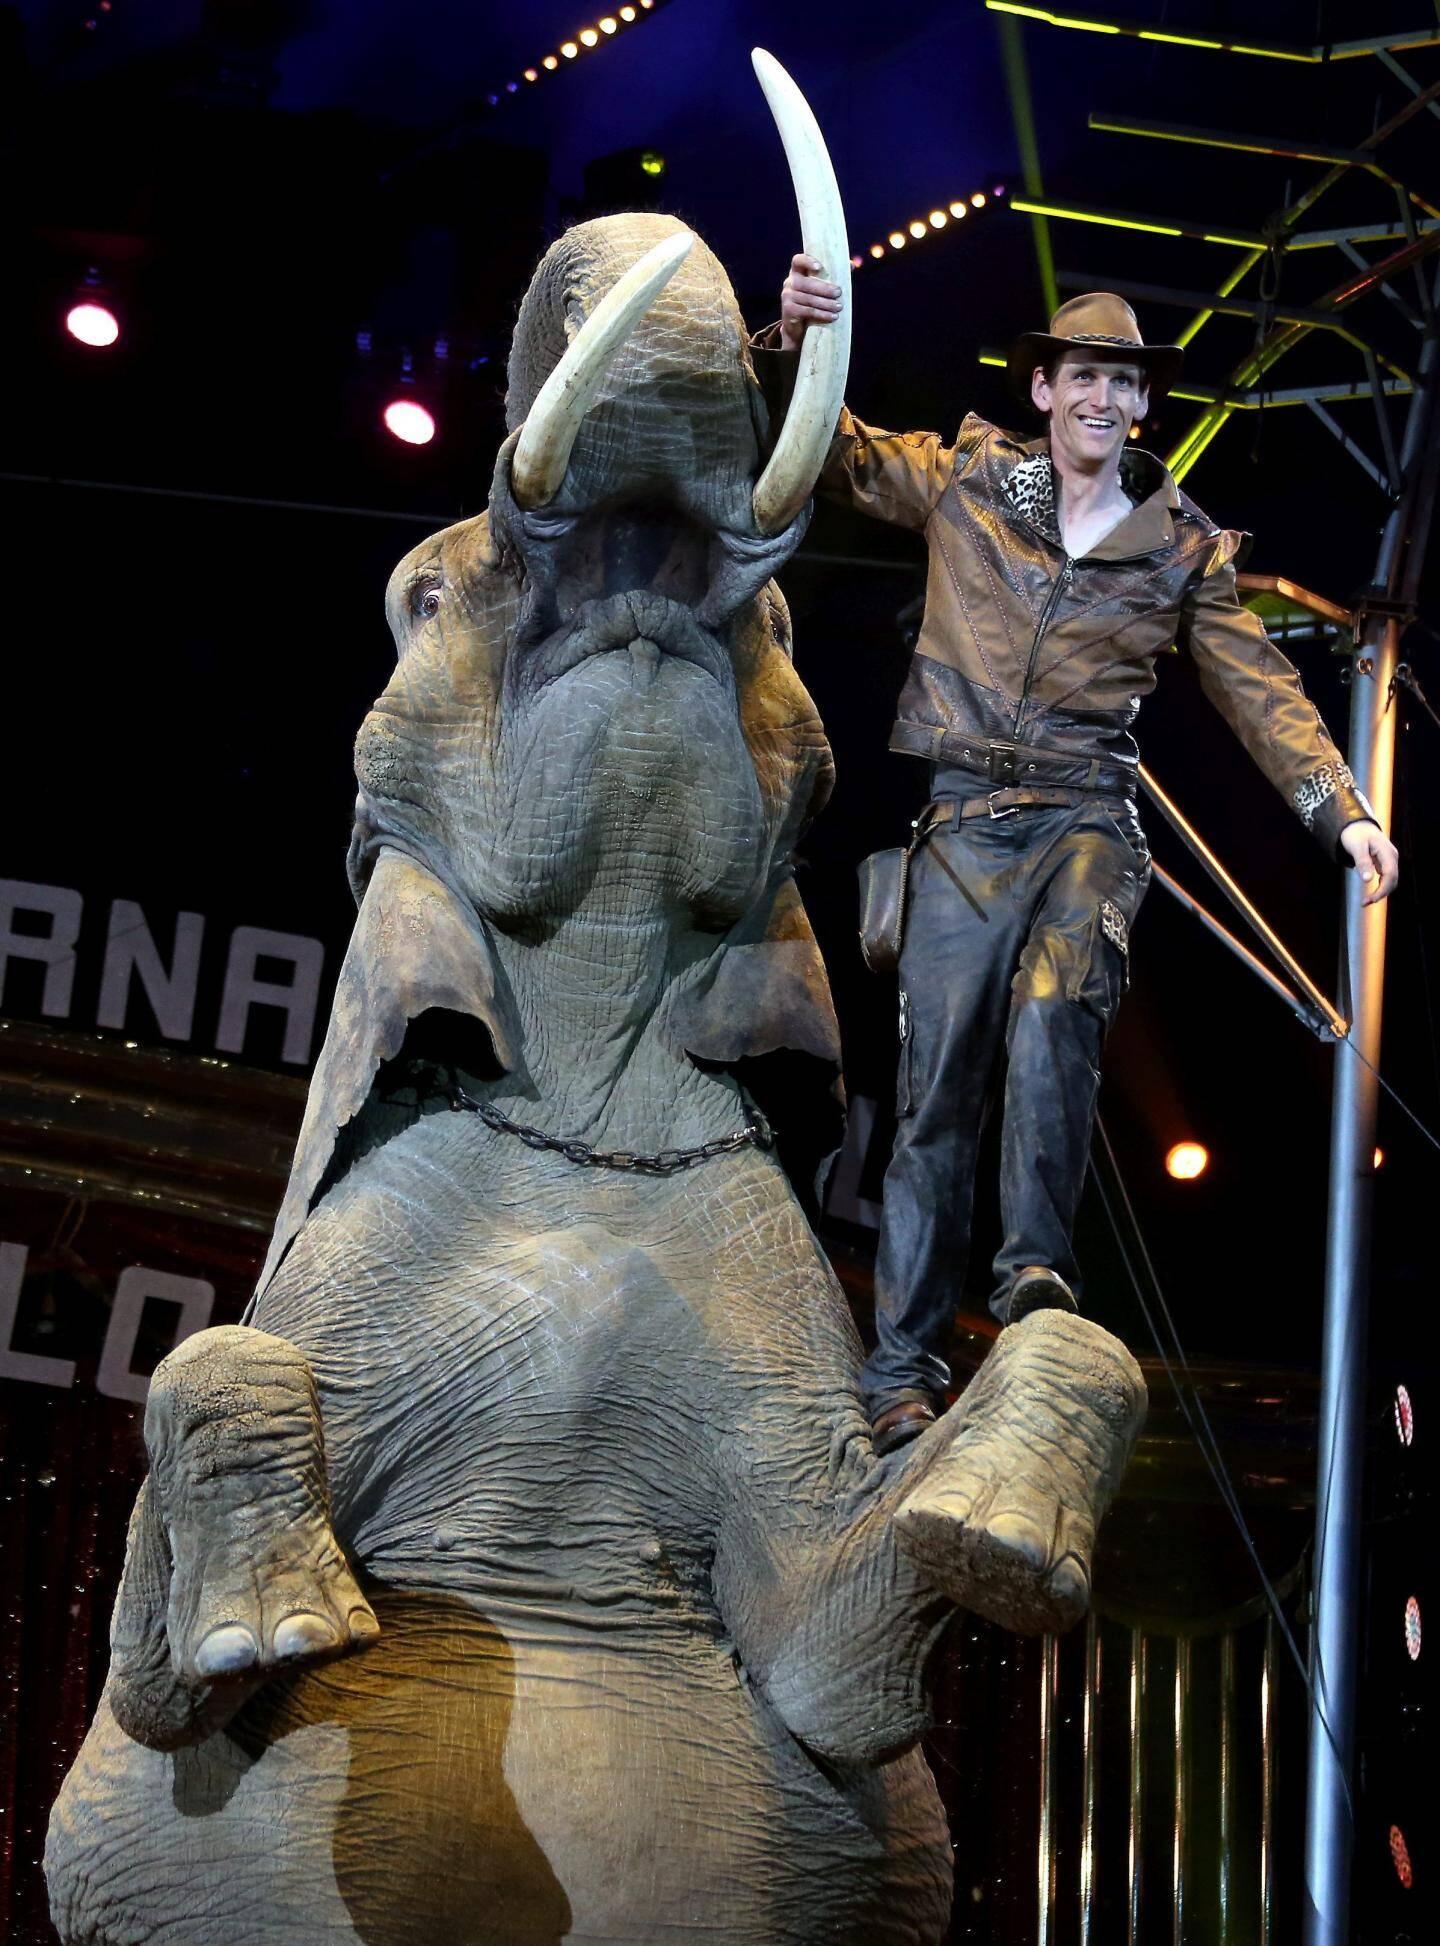 Le sympathique Erwin Frankello propose le numéro de dressage le plus réussi du festival.